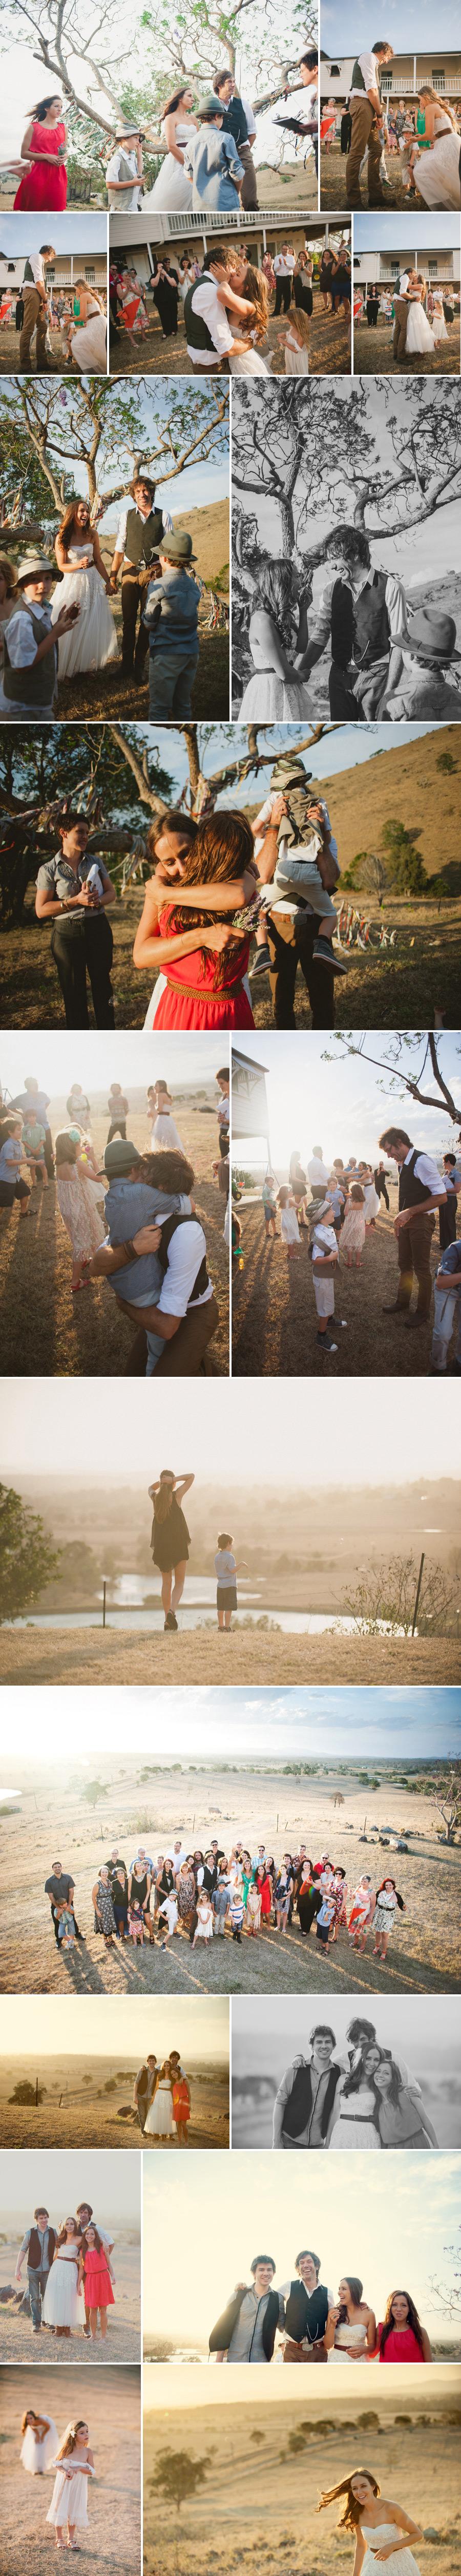 Queensland Australia Wedding